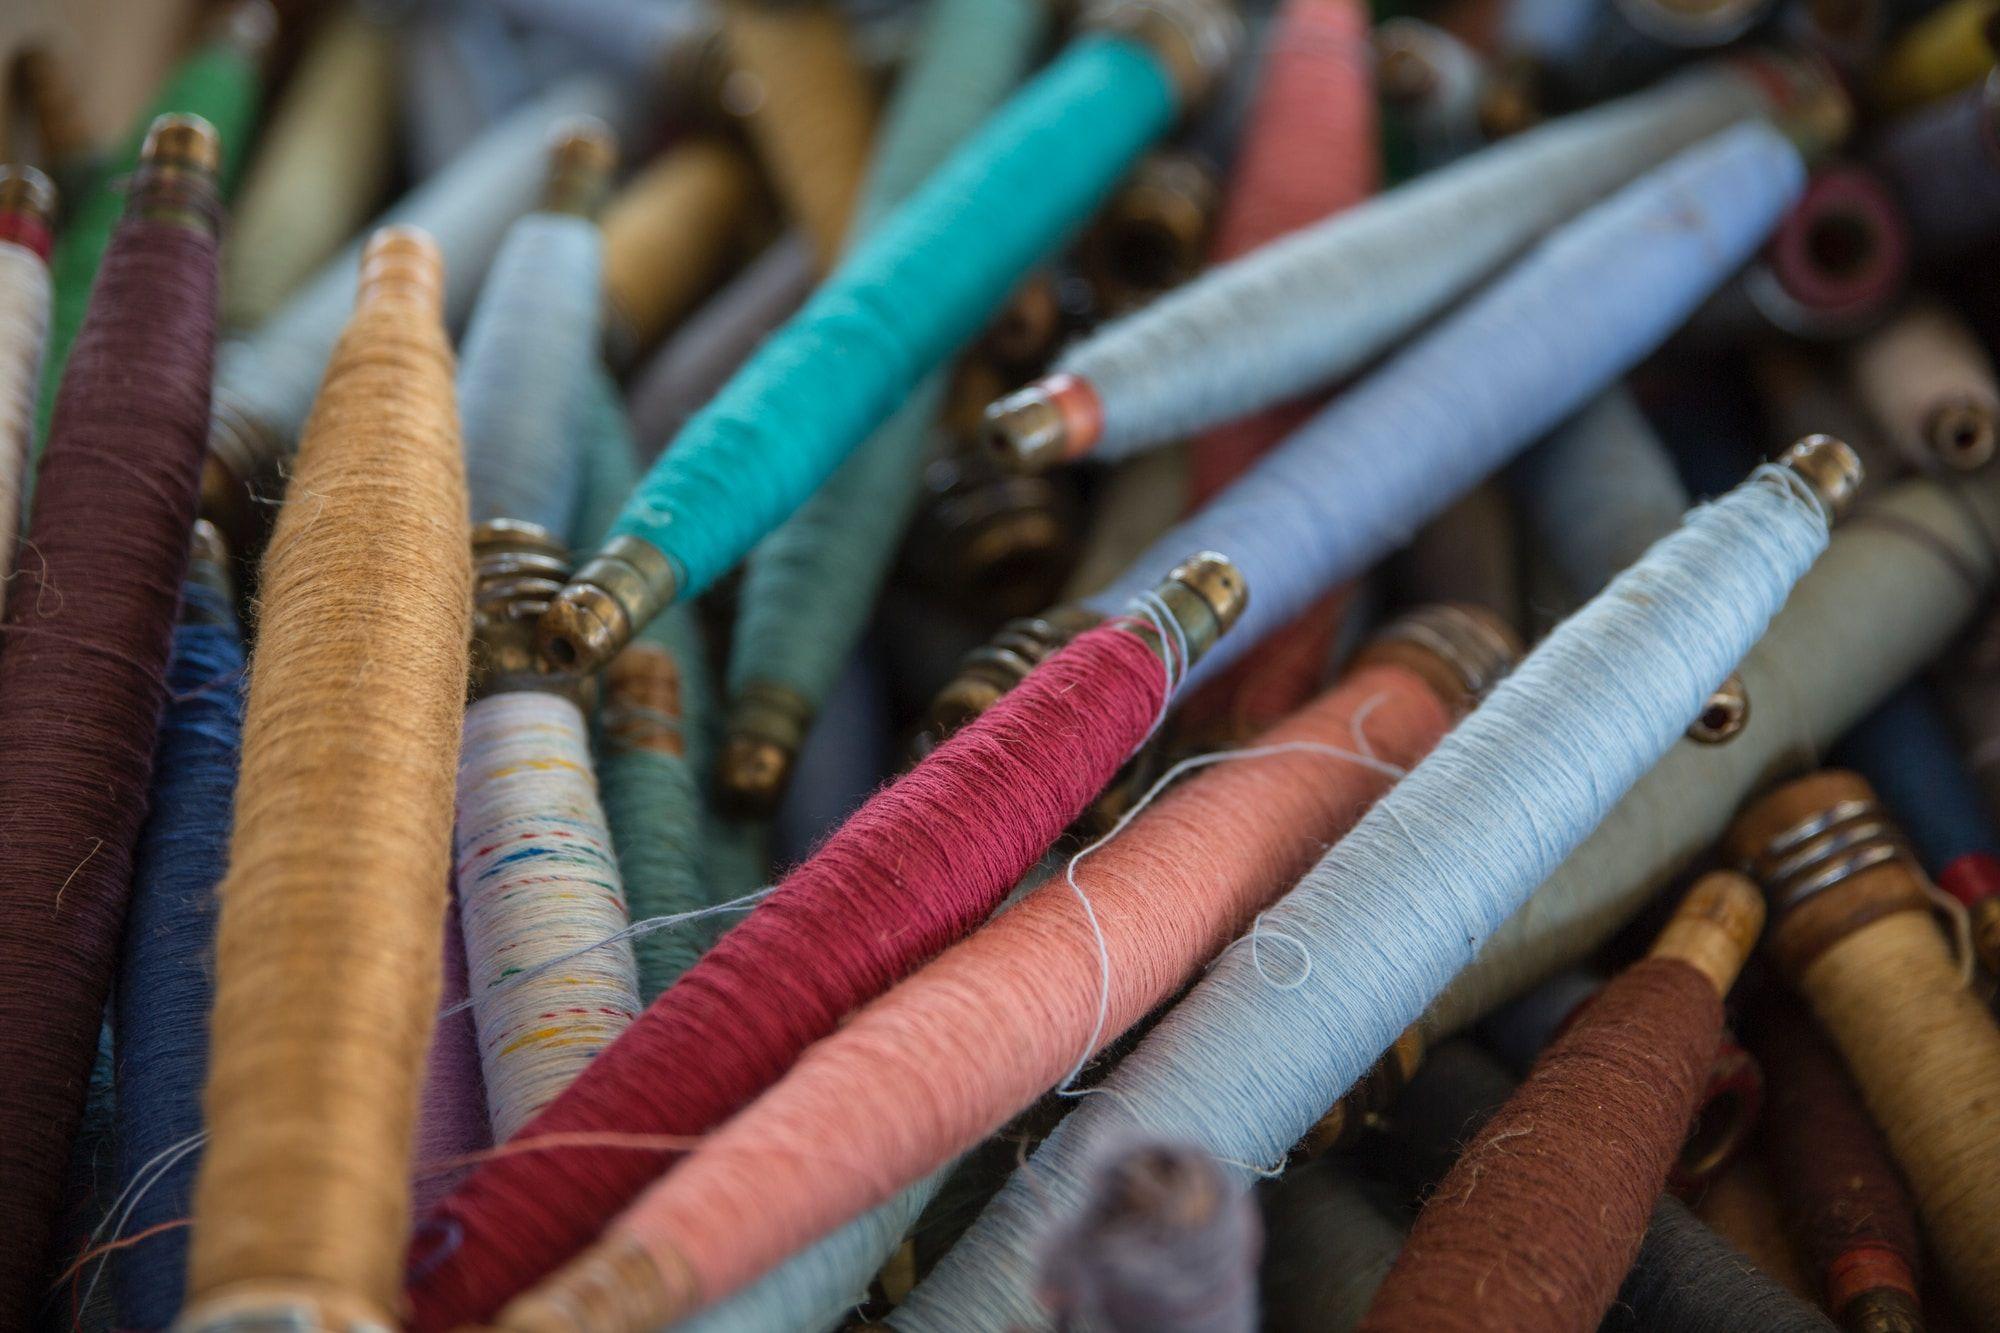 museo de seda silk musuem isla de la palma, canarias, canary islands